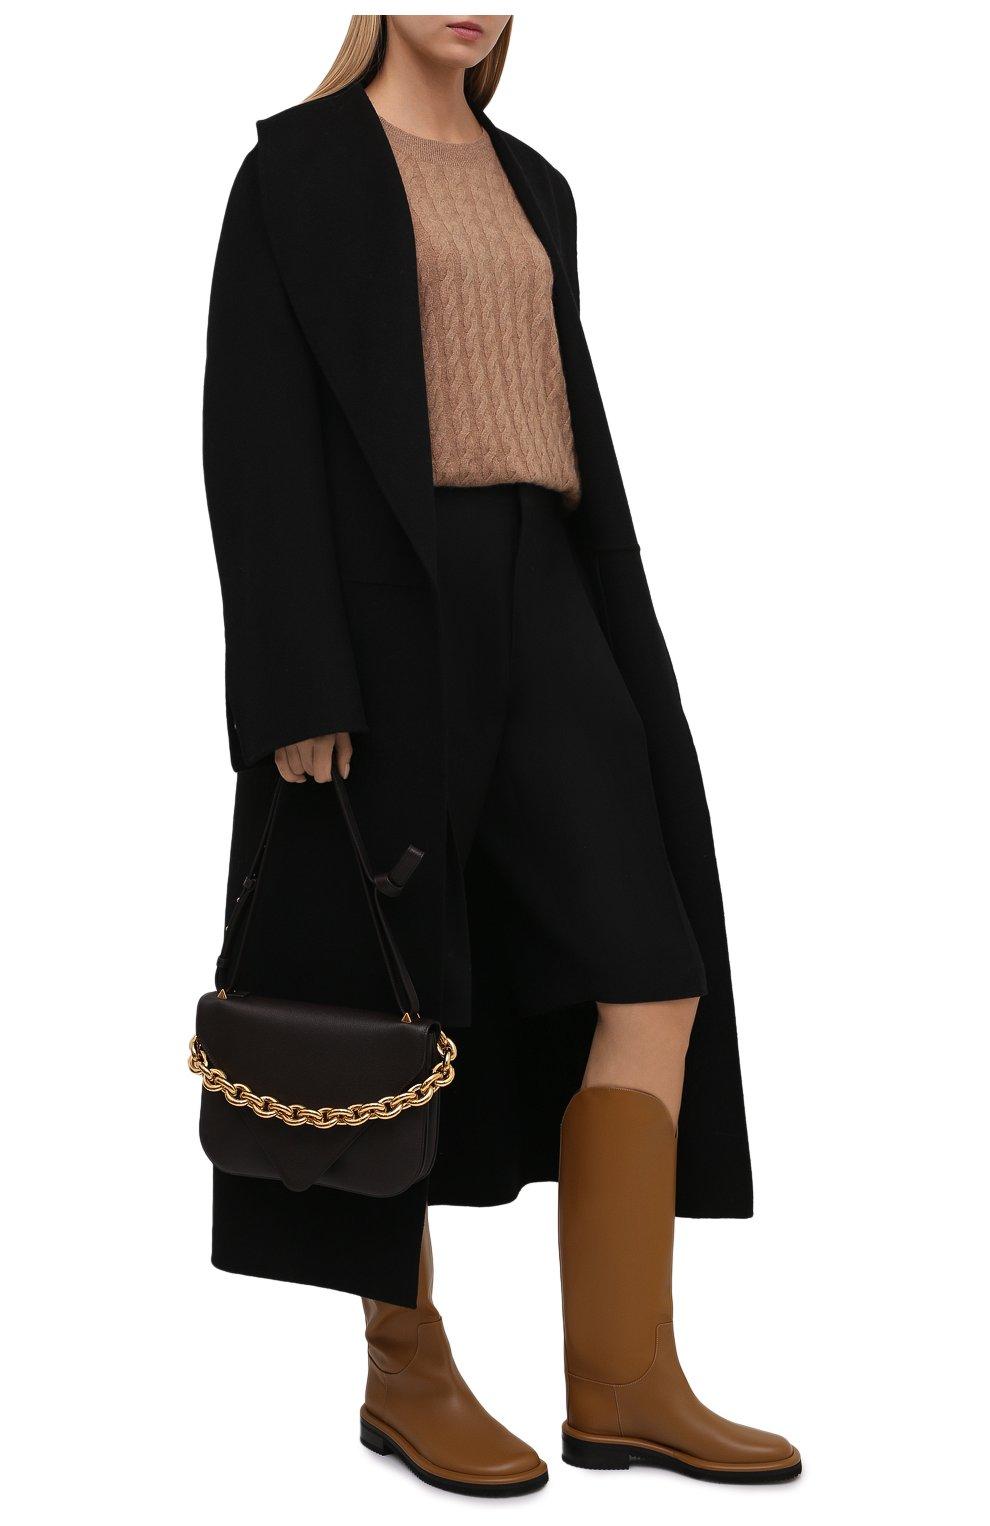 Женские кожаные сапоги pipe riding PROENZA SCHOULER светло-коричневого цвета, арт. PS37012A/14033 | Фото 2 (Подошва: Платформа; Высота голенища: Средние; Каблук высота: Низкий; Материал внутренний: Натуральная кожа; Каблук тип: Устойчивый)